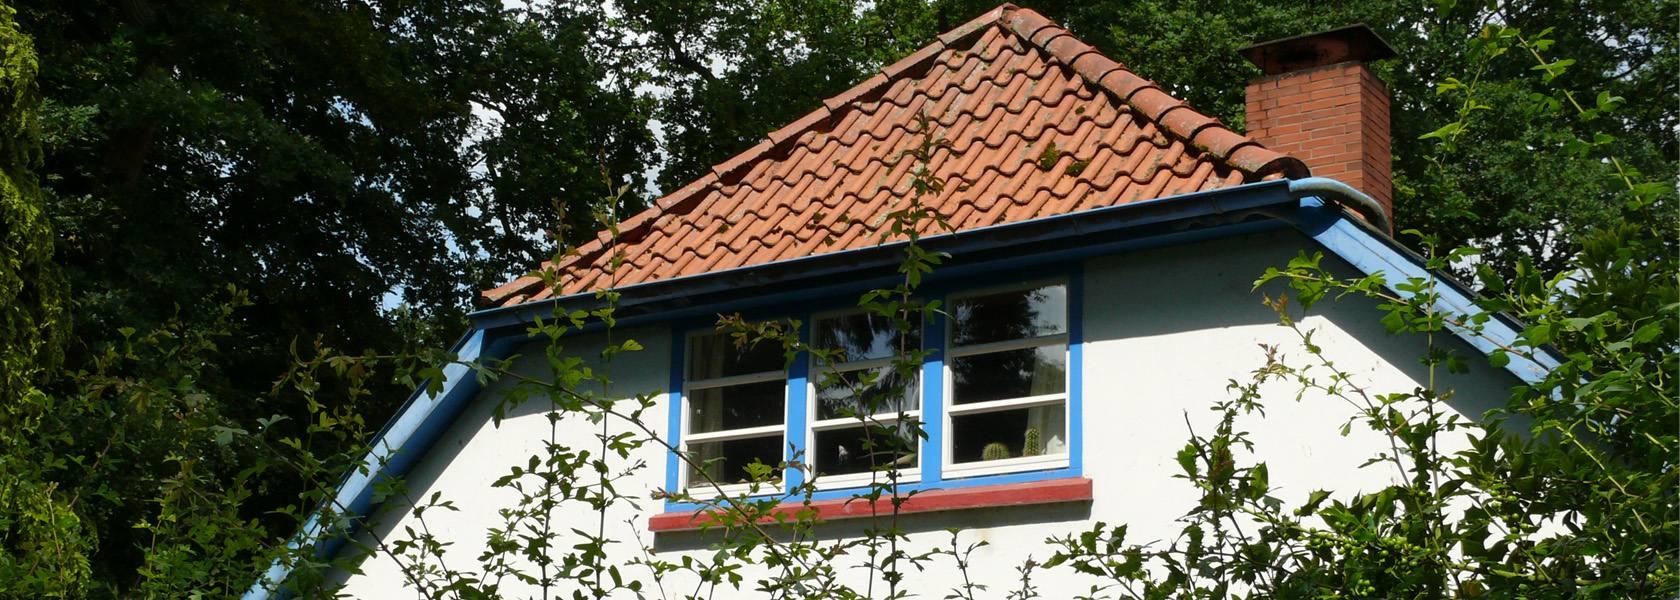 Dangast Ferienhaus, © Die Nordsee GmbH, Janina Beck